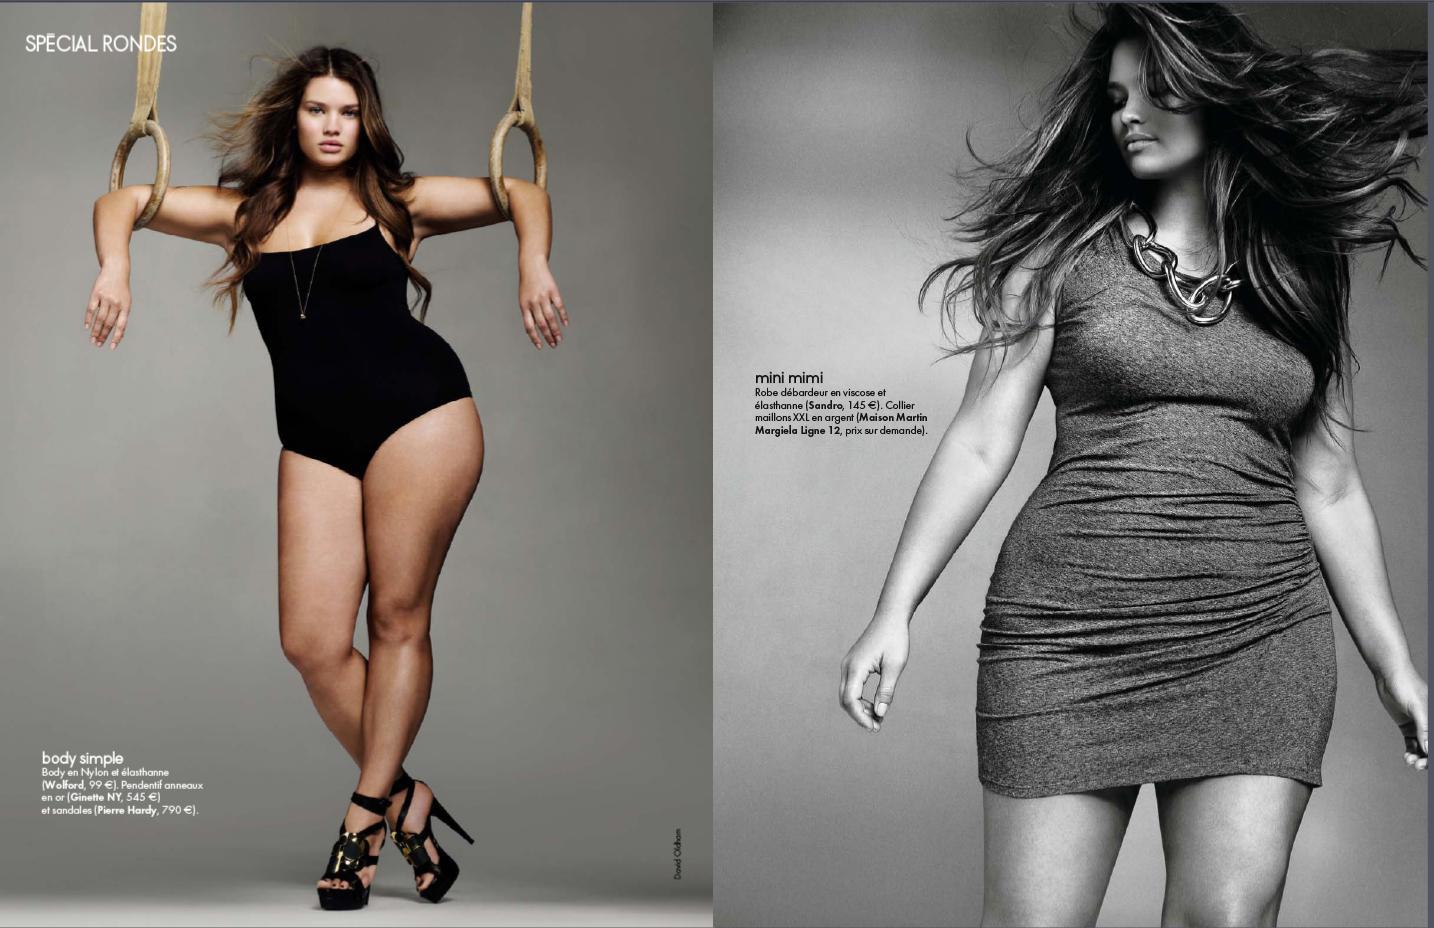 corpo gordo perfeito 2